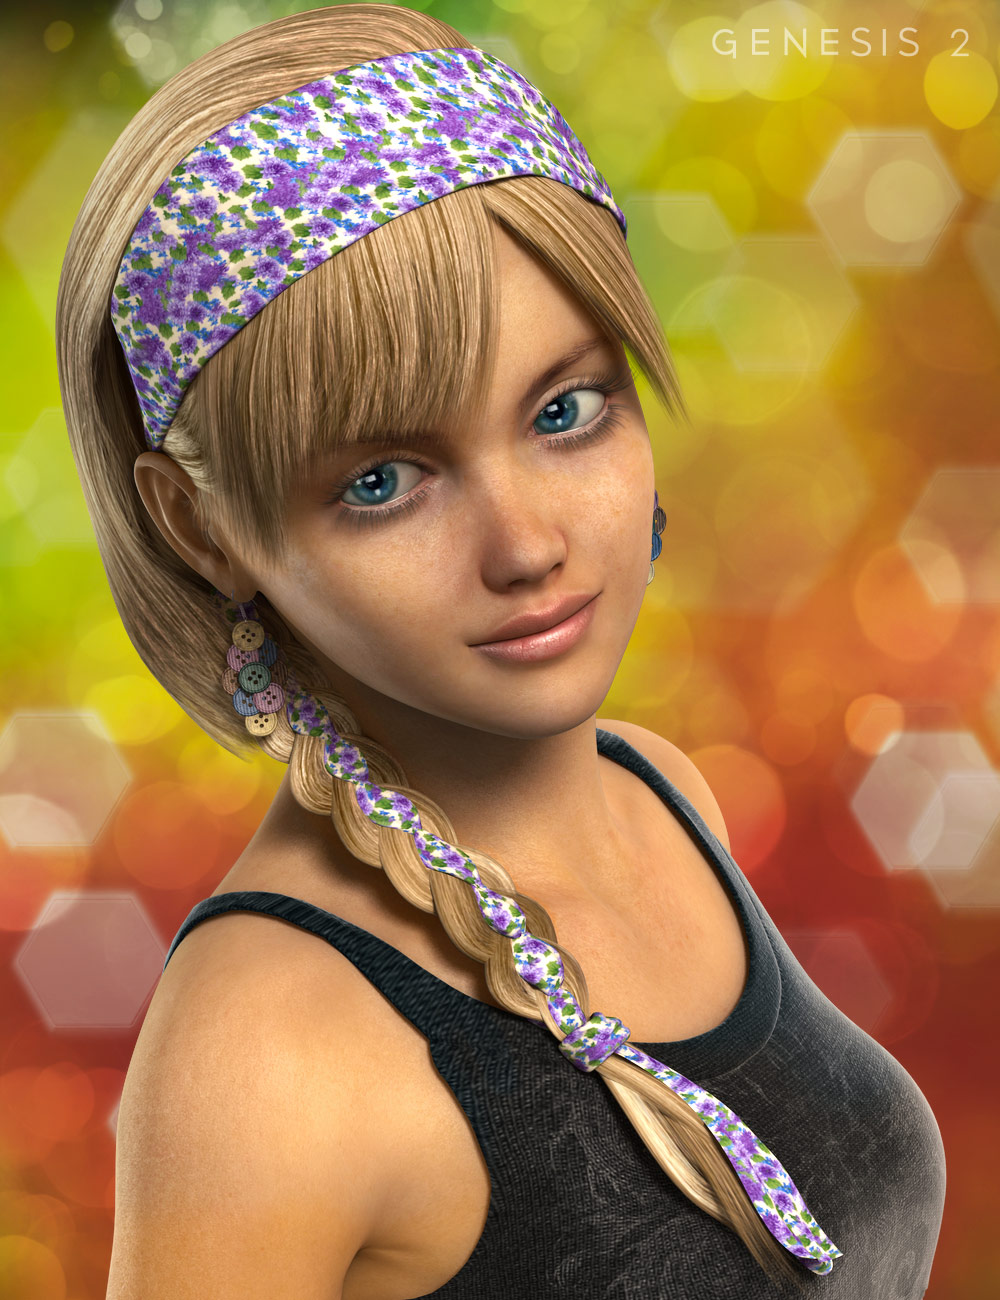 Scarf Braid Hair by: , 3D Models by Daz 3D